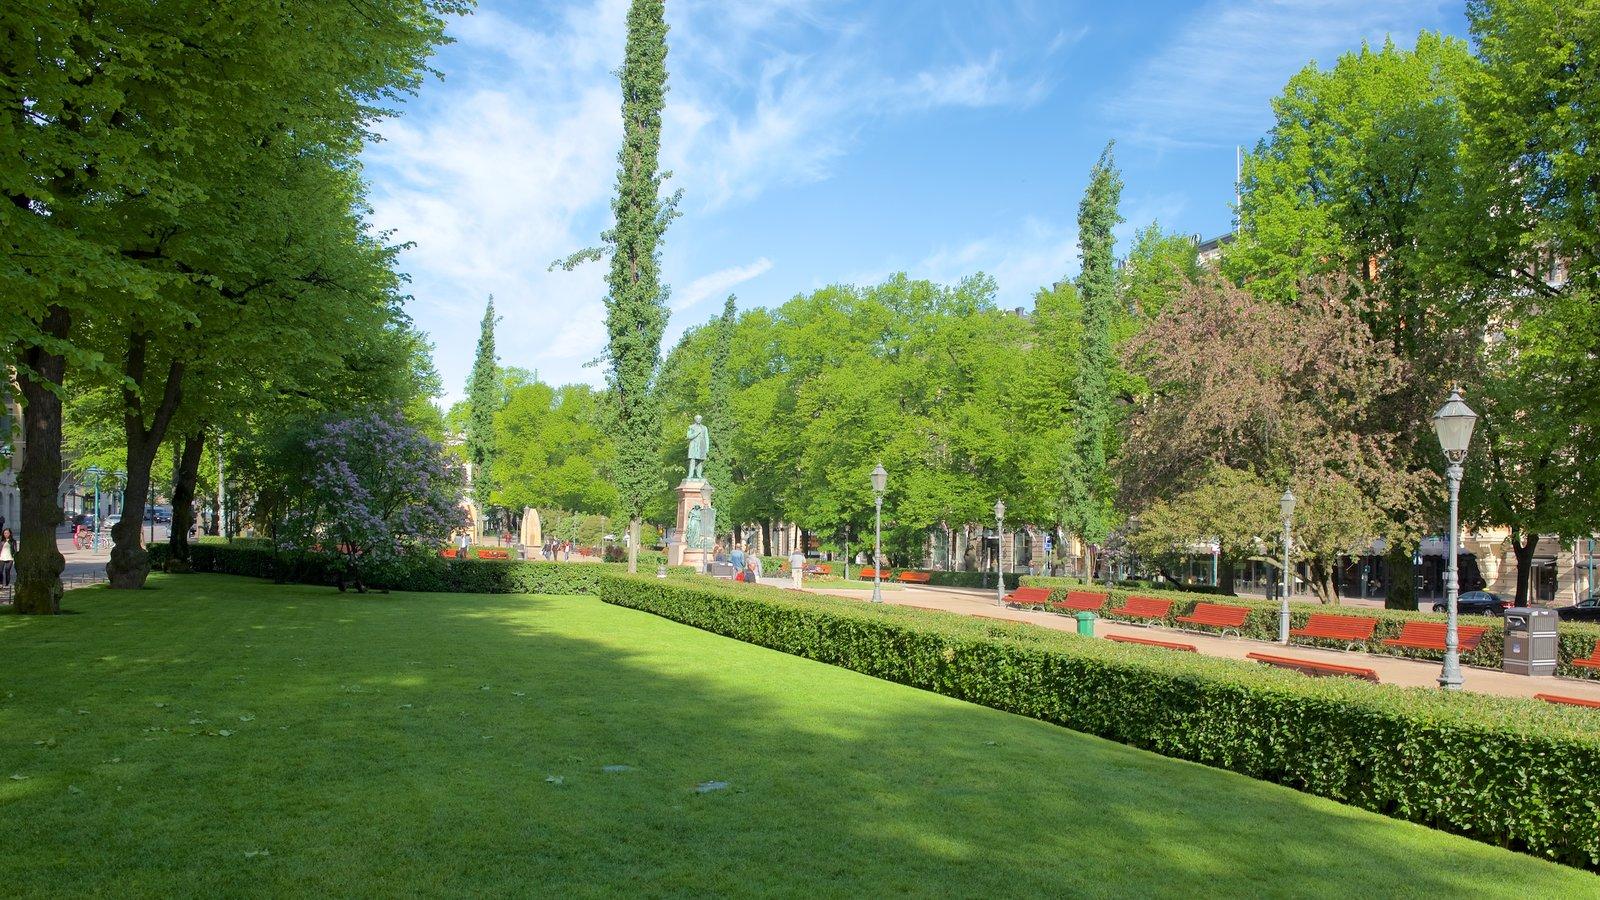 Esplanadi featuring a park